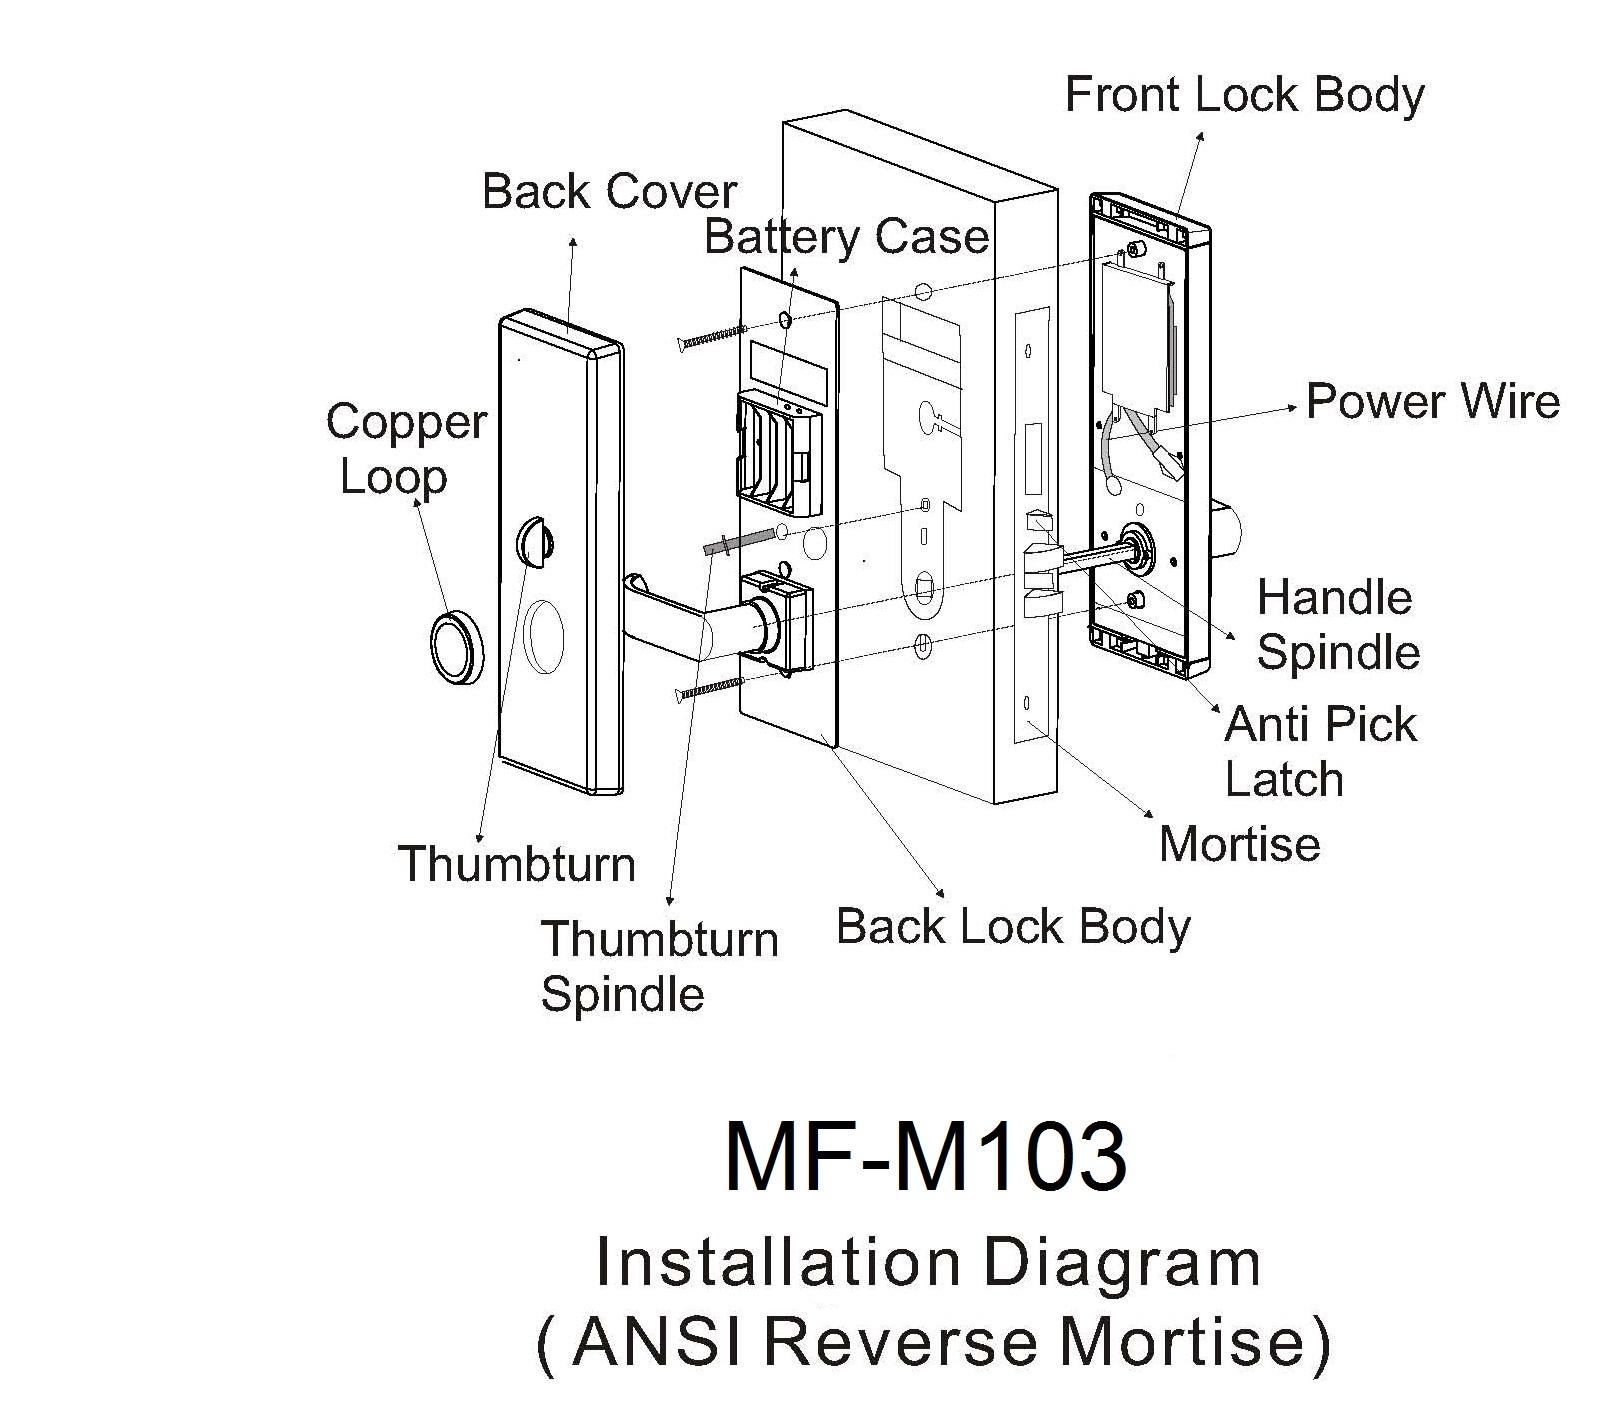 hight resolution of mf m103 lock diagram jpg